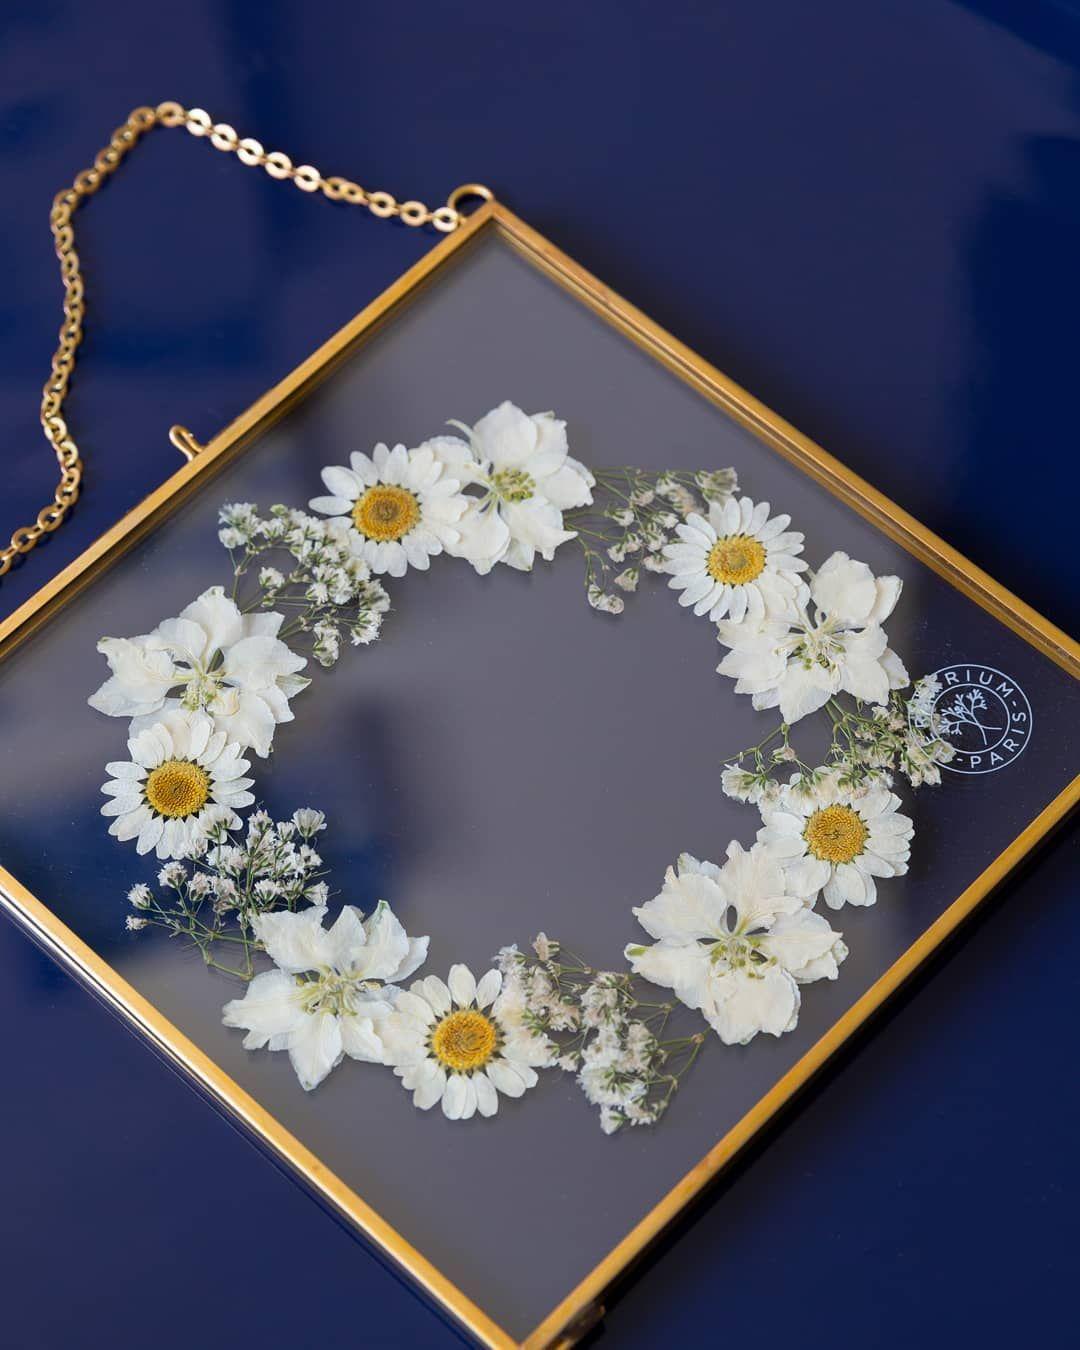 """Herbarium on Instagram: """"Bar à Fleurs � Nos cadres en laiton existent en 3 formats : 16x16, 24x24 et 40x40cm. Choisissez vos fleurs et laissez la magie Herbarium…"""""""